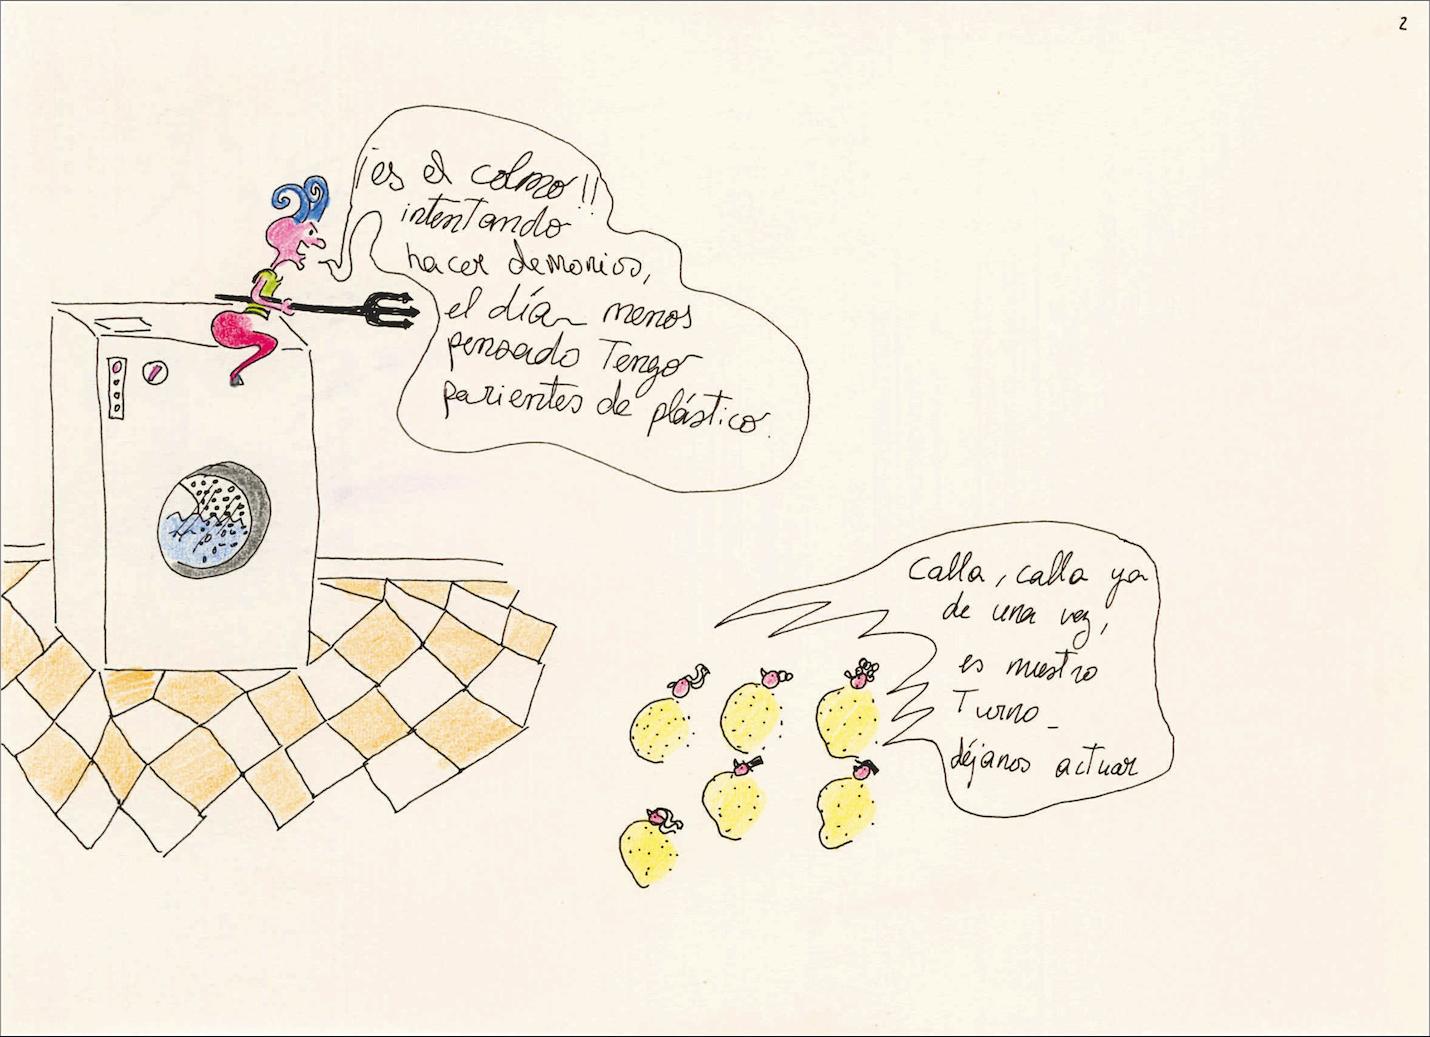 Ouka Leele.Cómics y dibujos antes de Ouka Leele [historieta 2, p. 3 de 13] s. a. © Ouka Leele. VEGAP, Madrid, 2021